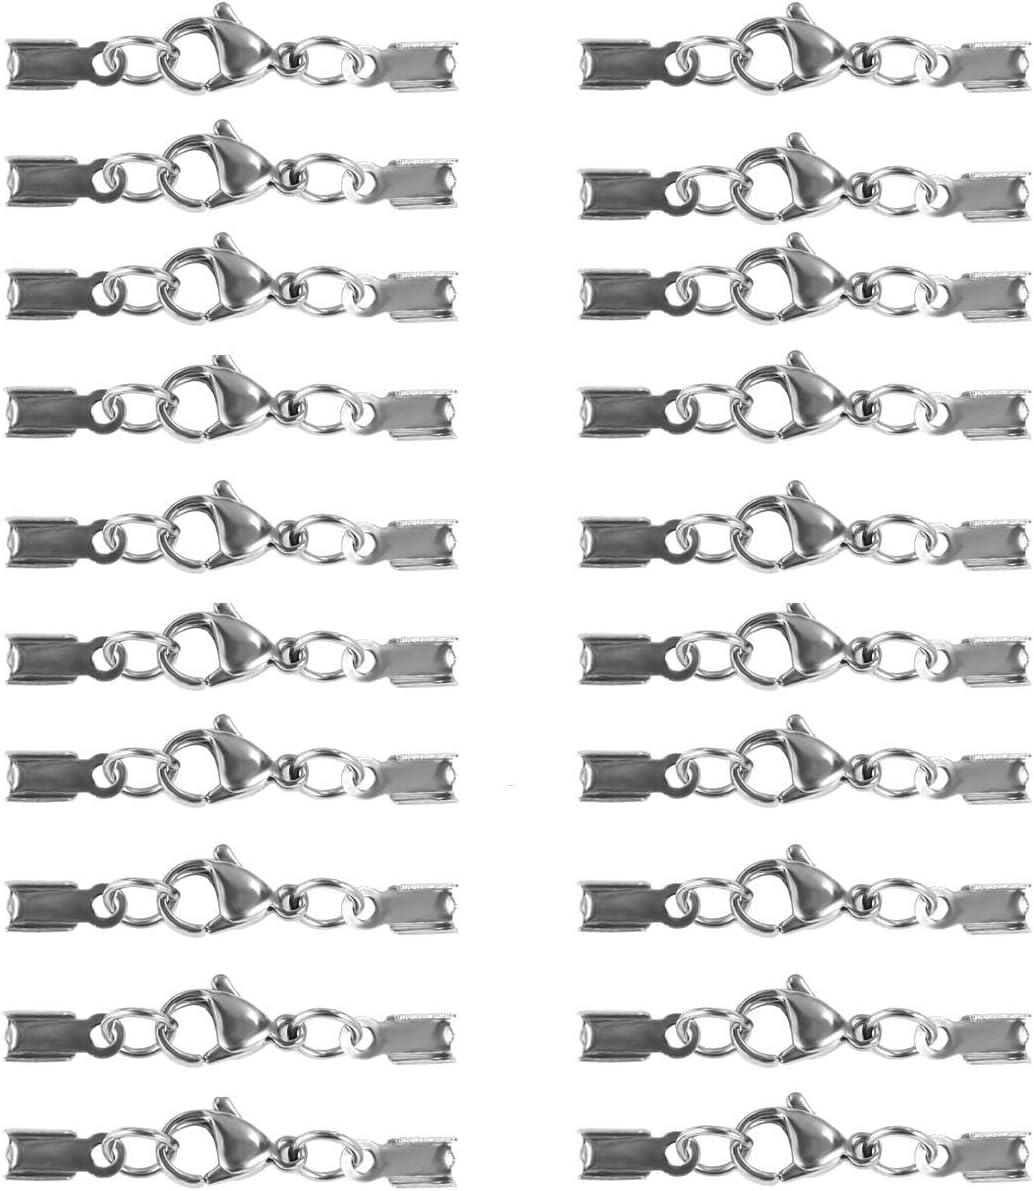 JZK 20 x Cierre de acero inoxidable para collares con cordon de cuero de zapatos para creación pulseras joyas bricolaje collar colgante